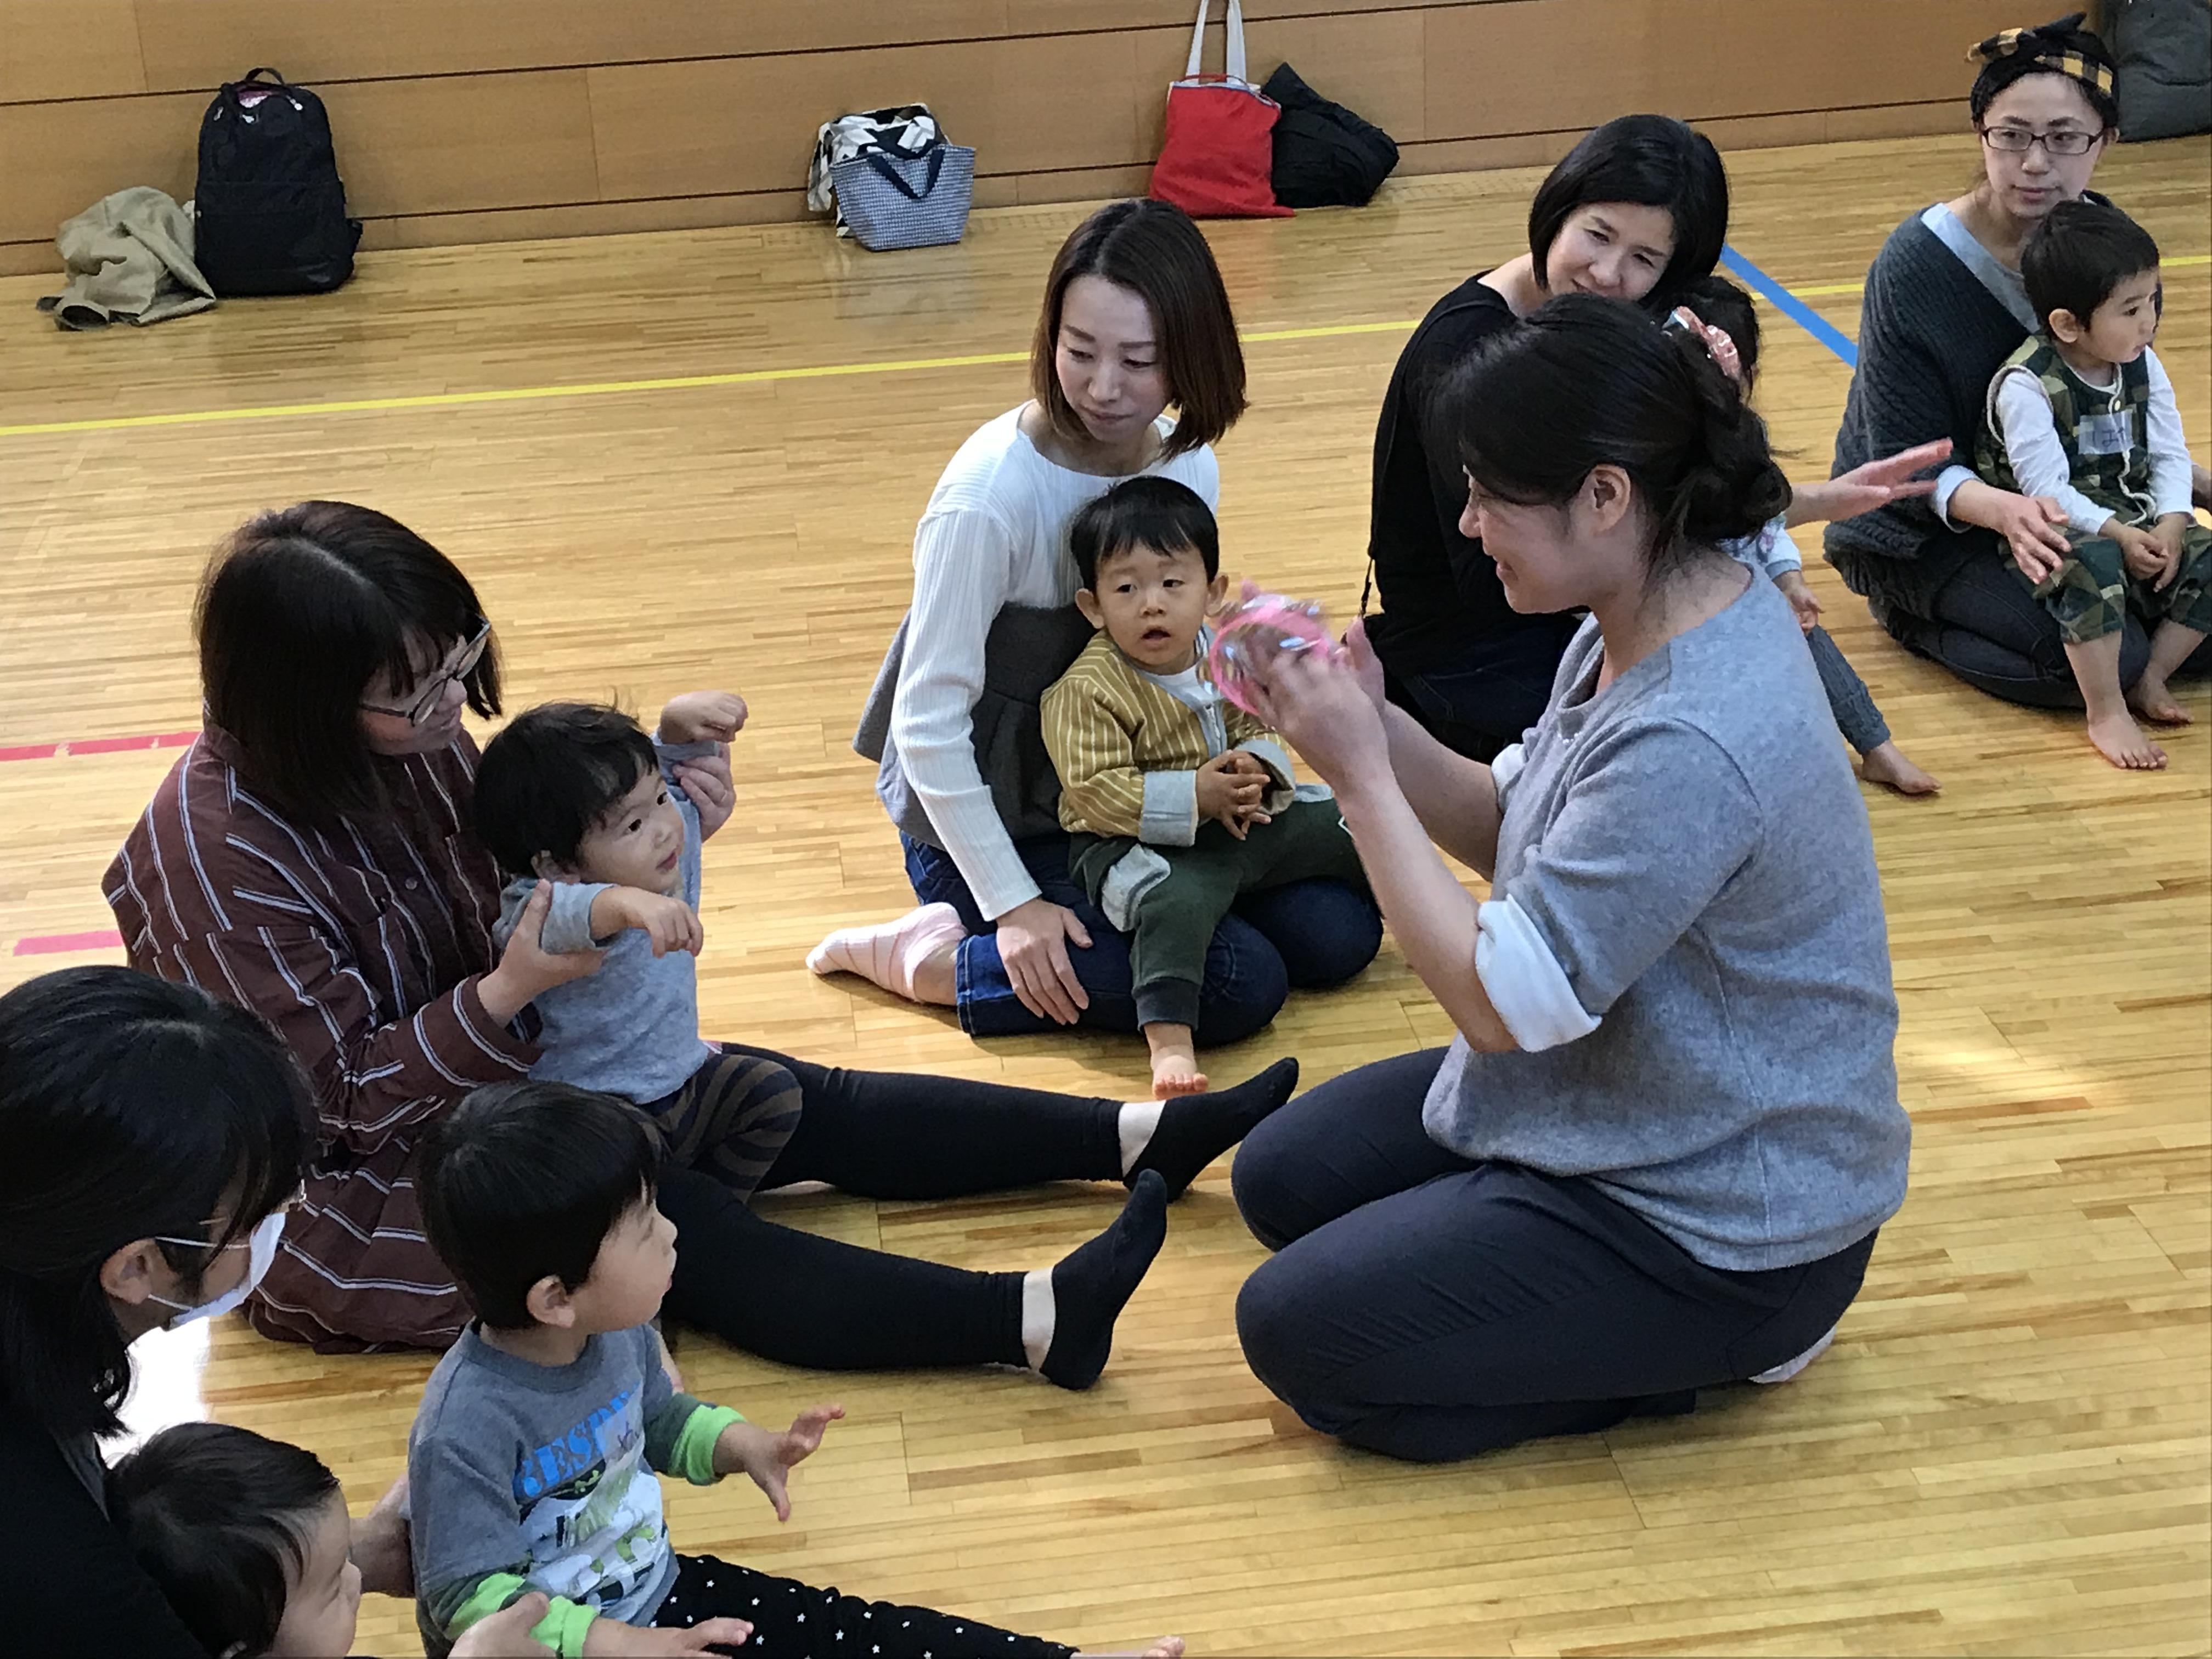 お行儀よくお母さんの膝に座る子ども達。輪になって一人一人、リズムに乗せて順々に名前を呼ばれていきます。お友達の様子を皆も優しく見守っています。